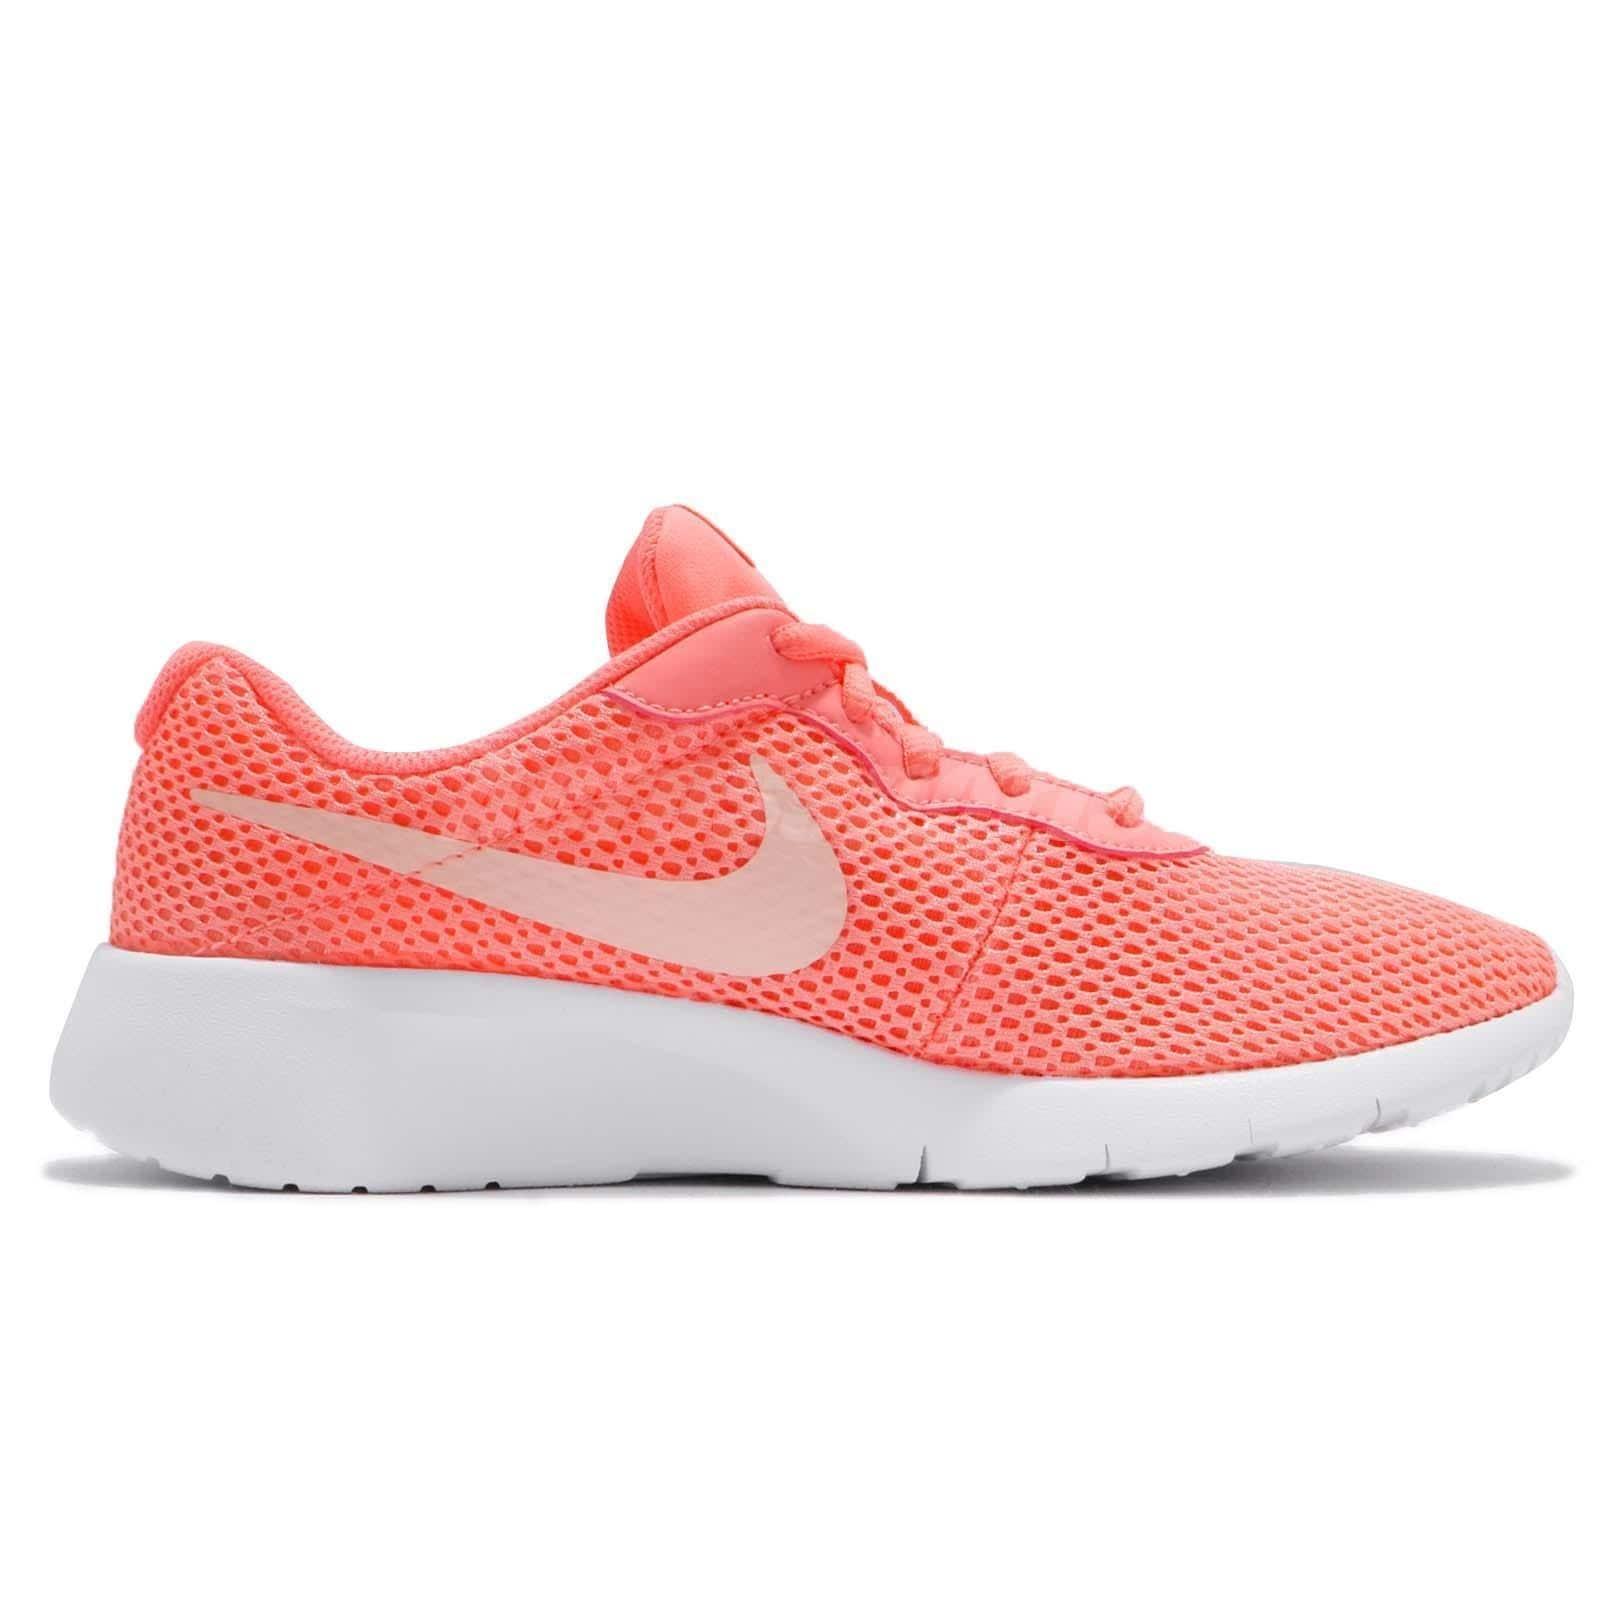 best service 5f915 901db Shop Nike Girls Tanjun Shoe Sneakers 818384-602 - lt atomic pinkcrimson  tintwhite - Free Shipping Today - Overstock - 23501020